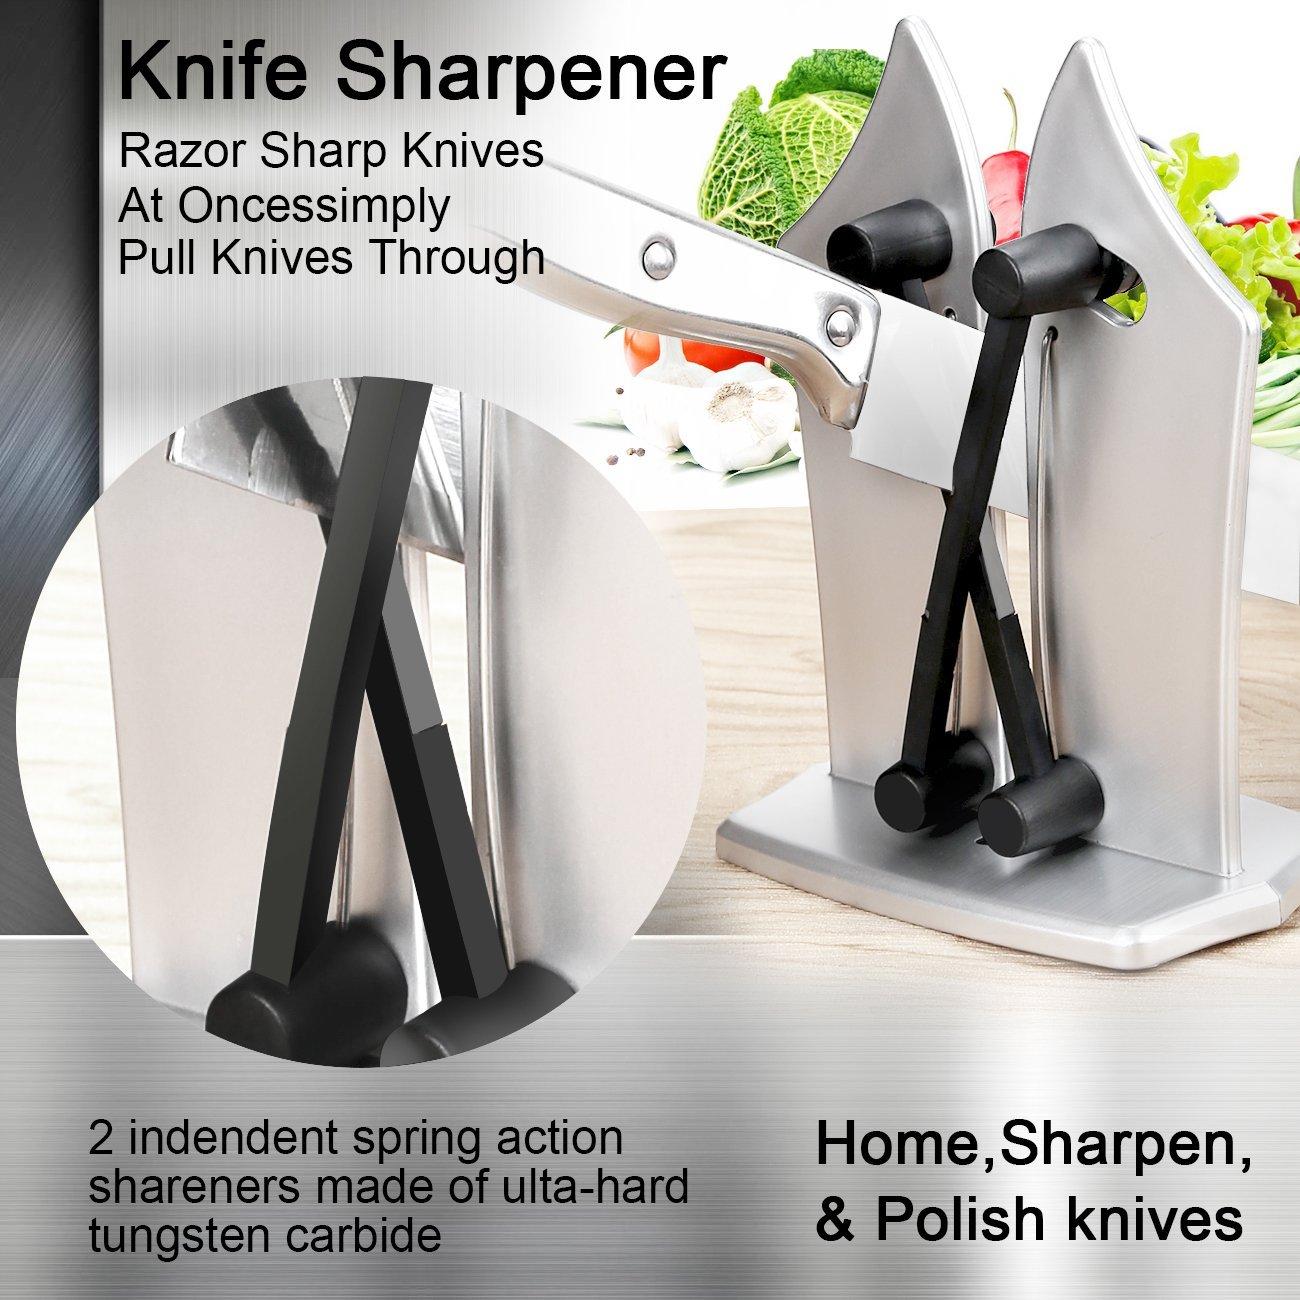 Afilador de cuchillos, afilador de cuchillos manual como se ve en los tonos de TV y pule cuchillos de cocina serrado, afilador de cuchillas, afilador de cuchillos de chef Silvery